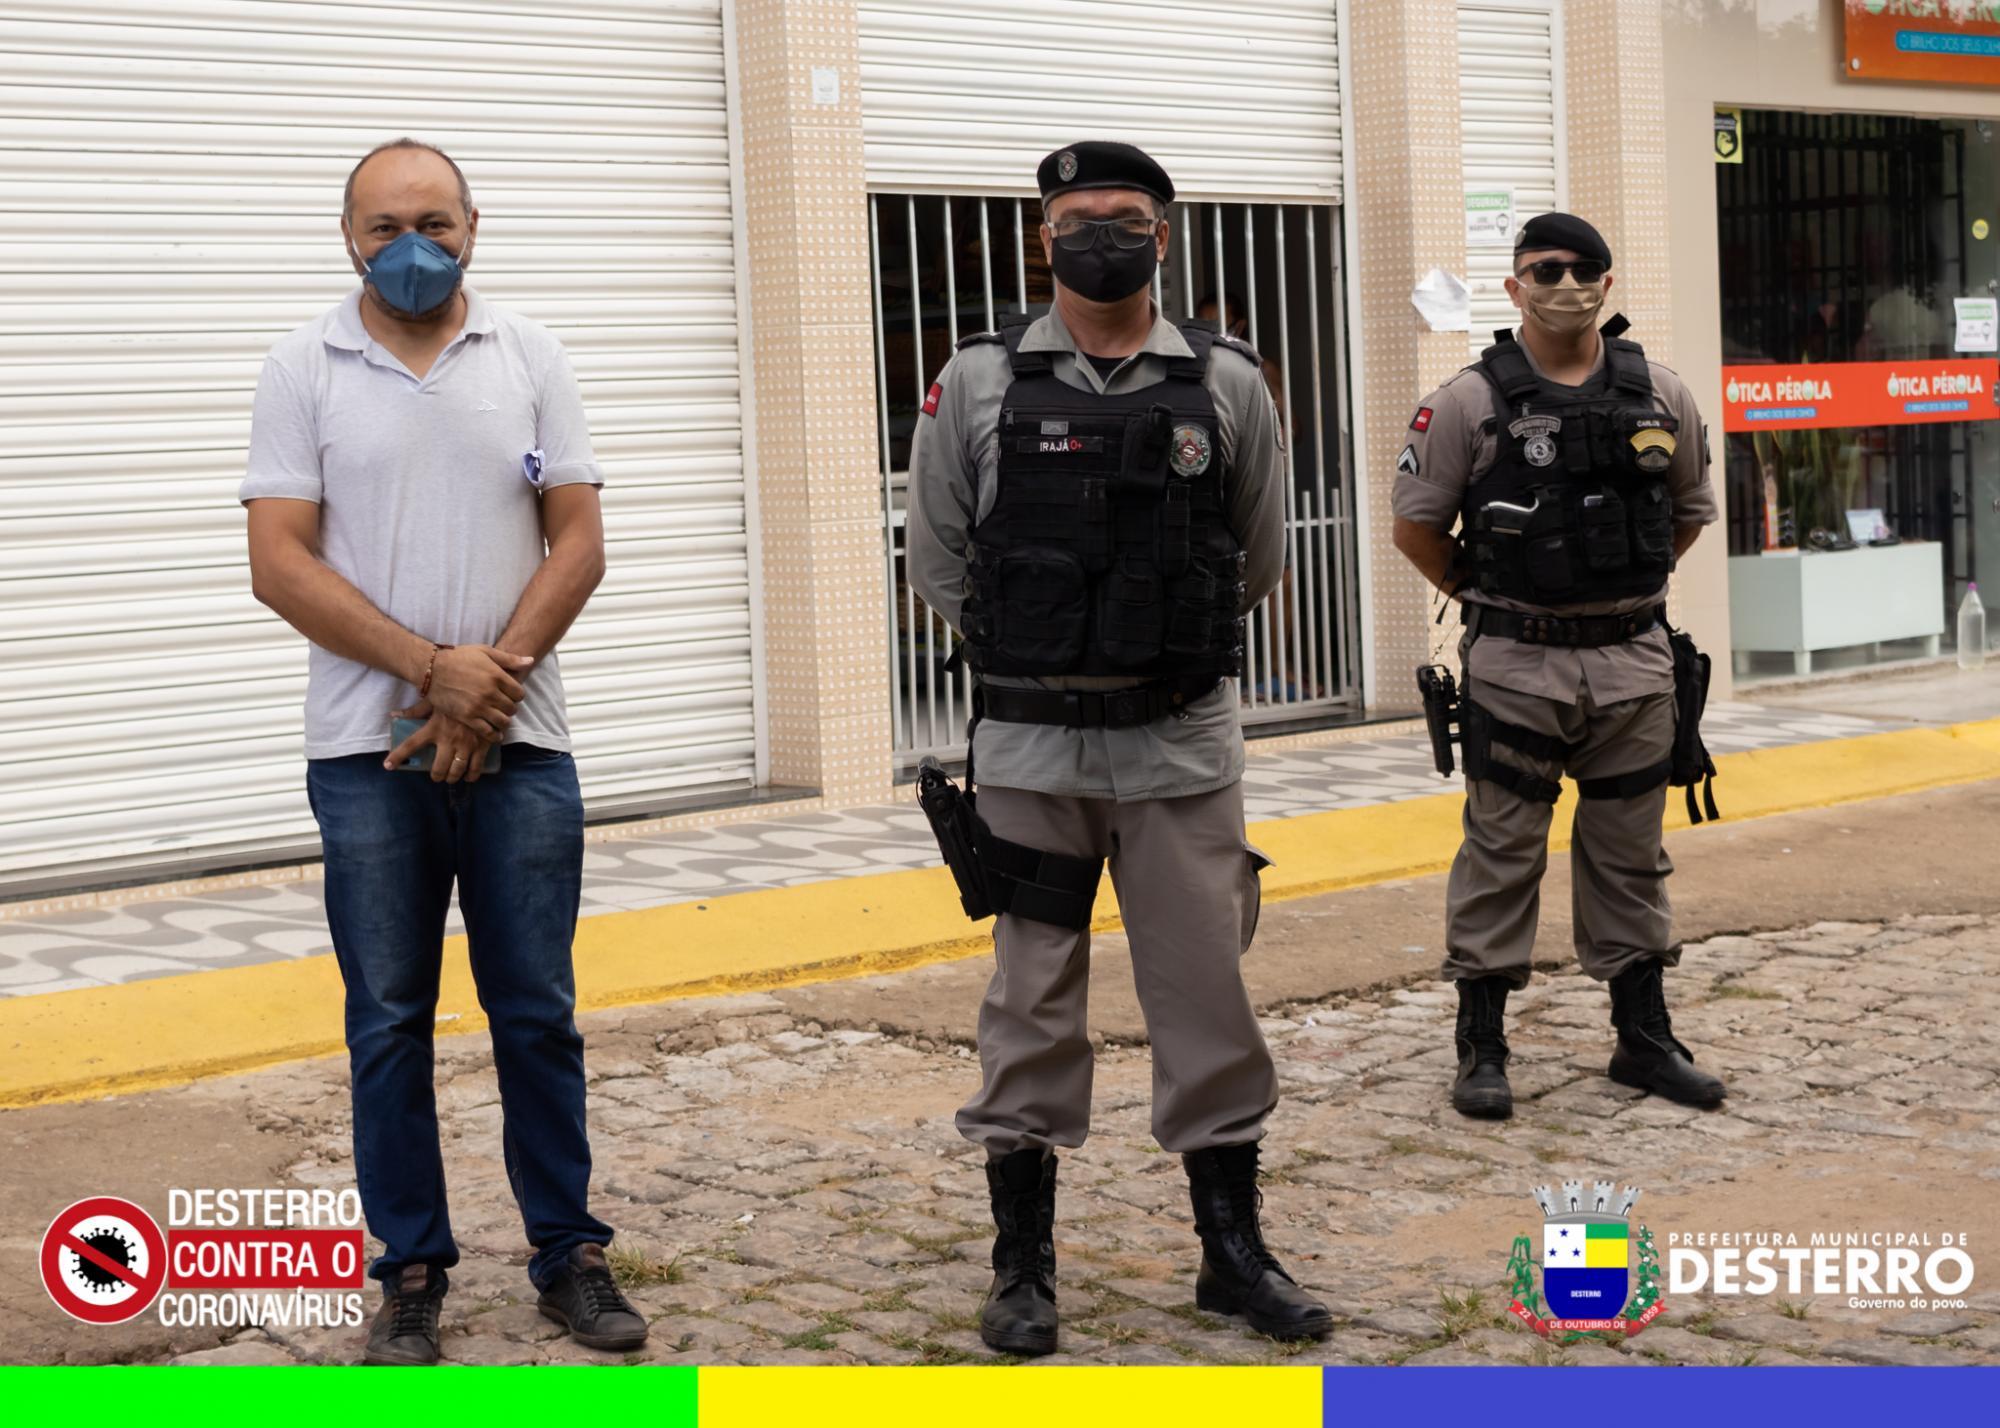 Município realiza força tarefa contra o Covid-19 com apoio da 4ª Companhia de Polícia